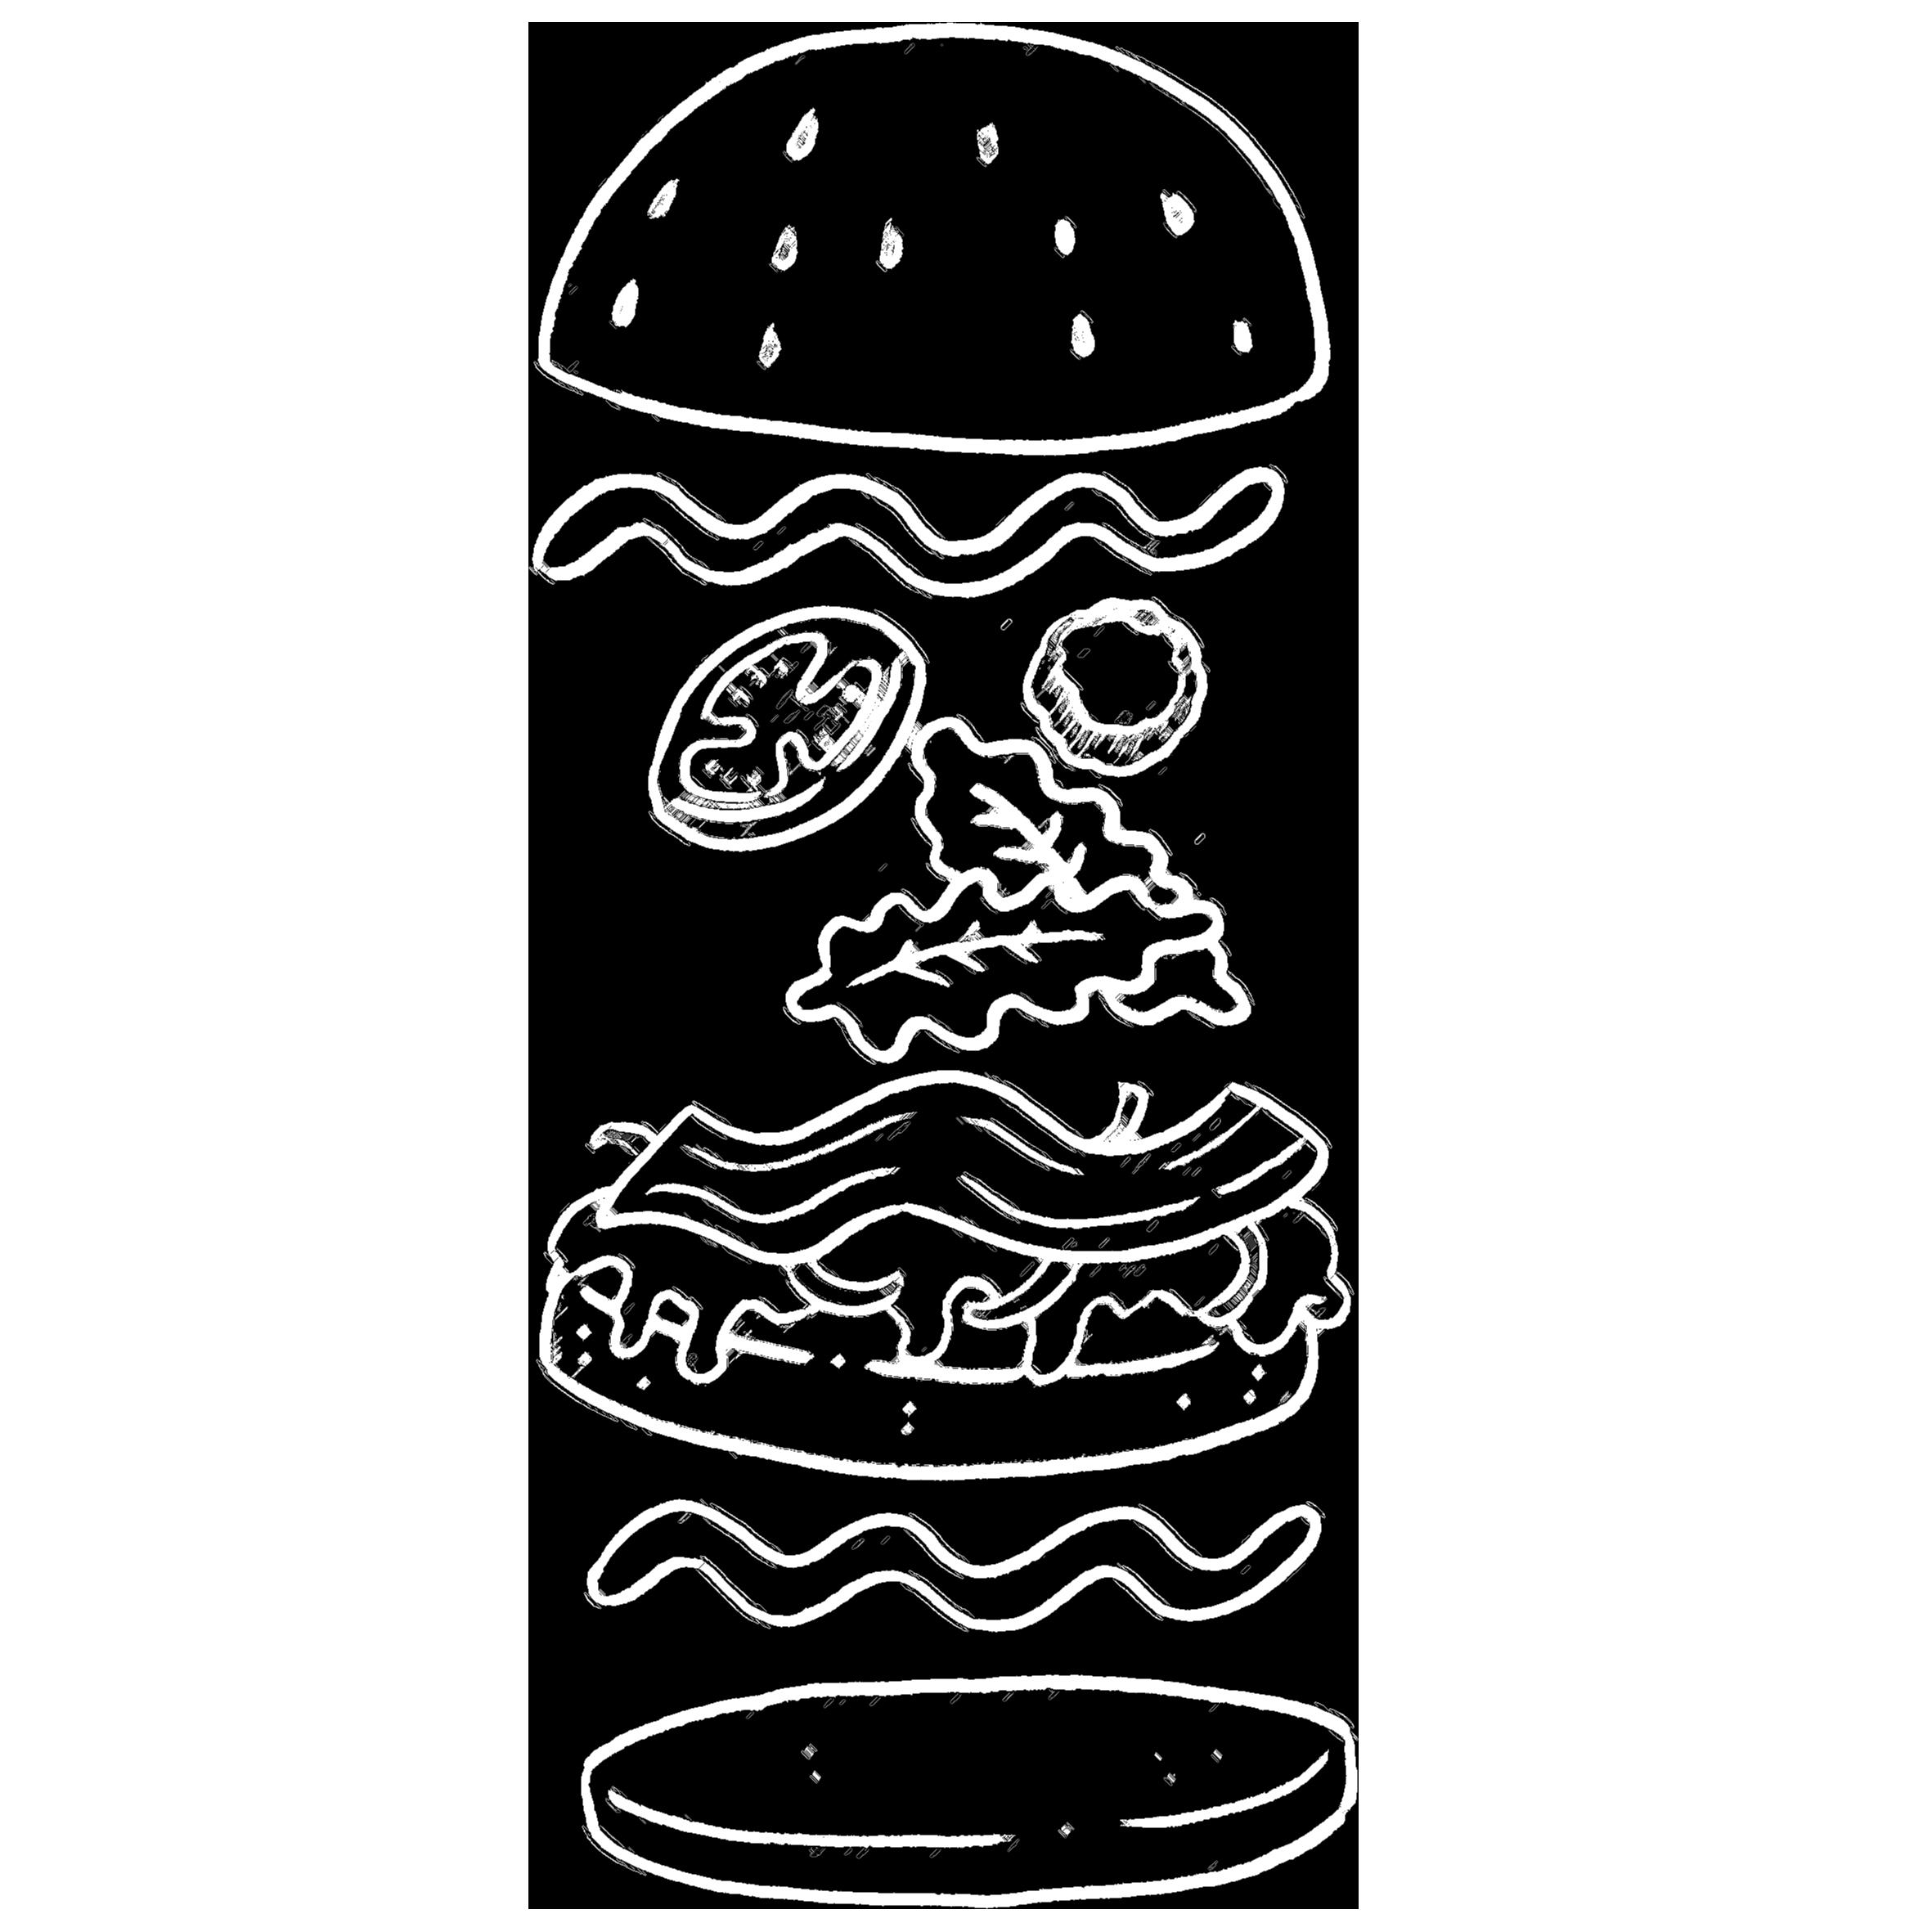 Hamburger in krijt stijl